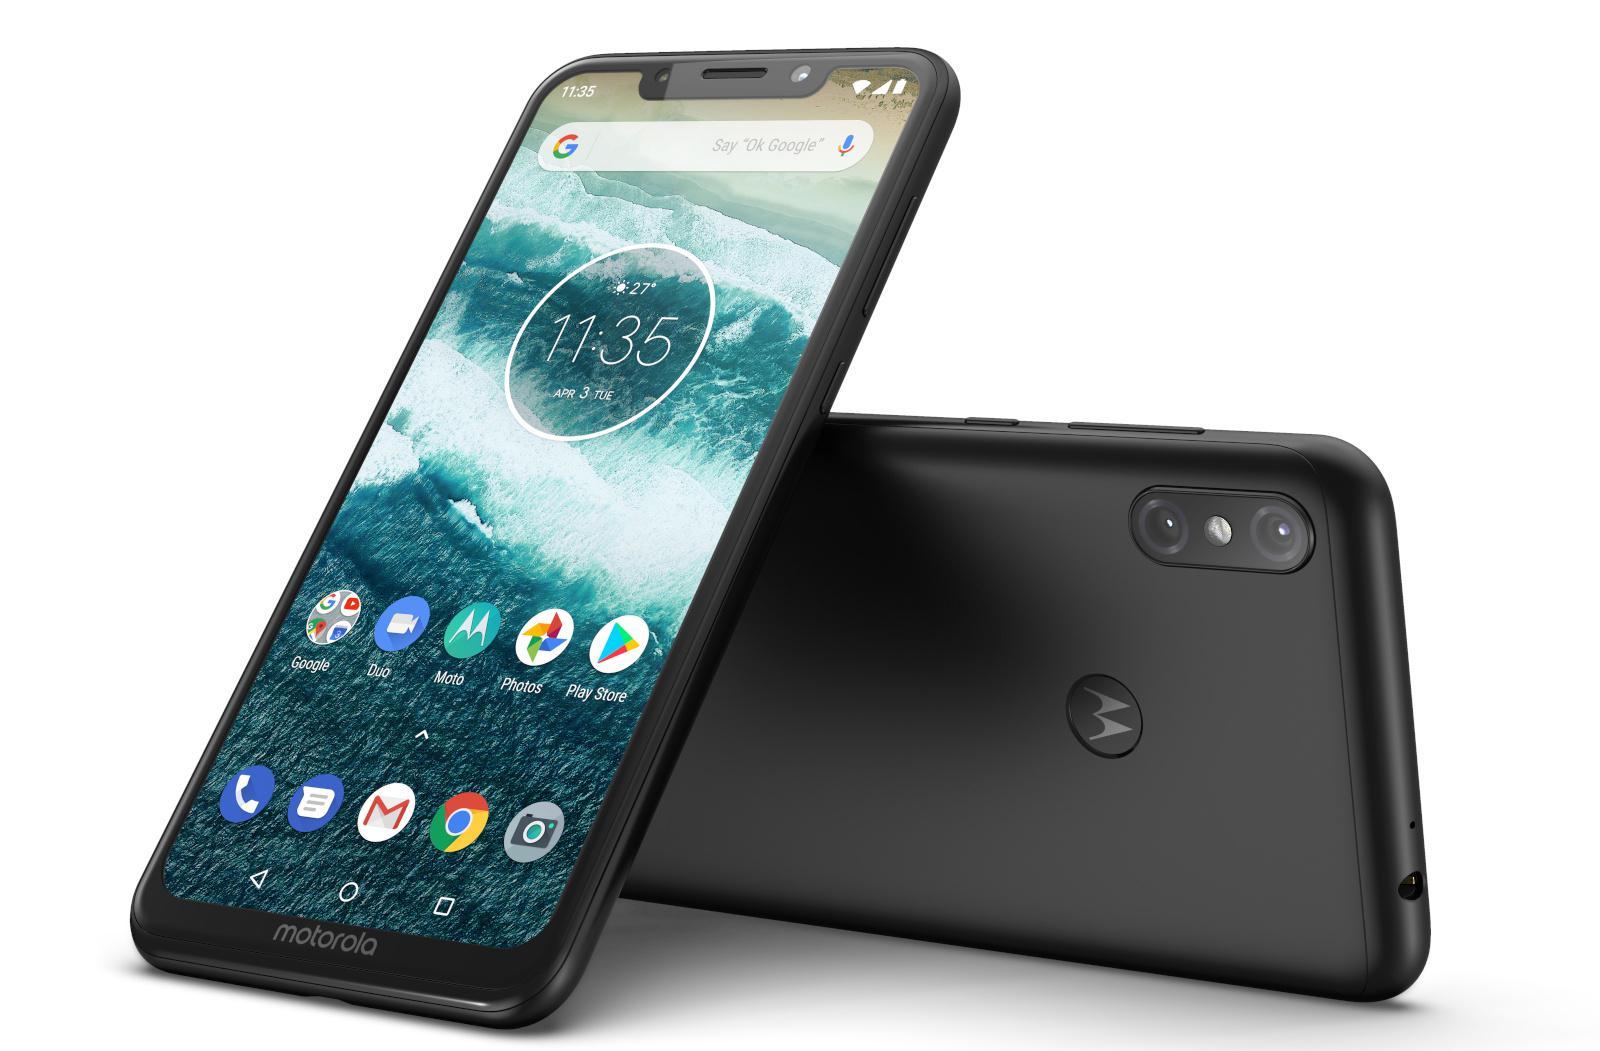 摩托羅拉兩款AndroidOne新機亮相 并承諾會升級至AndroidPie